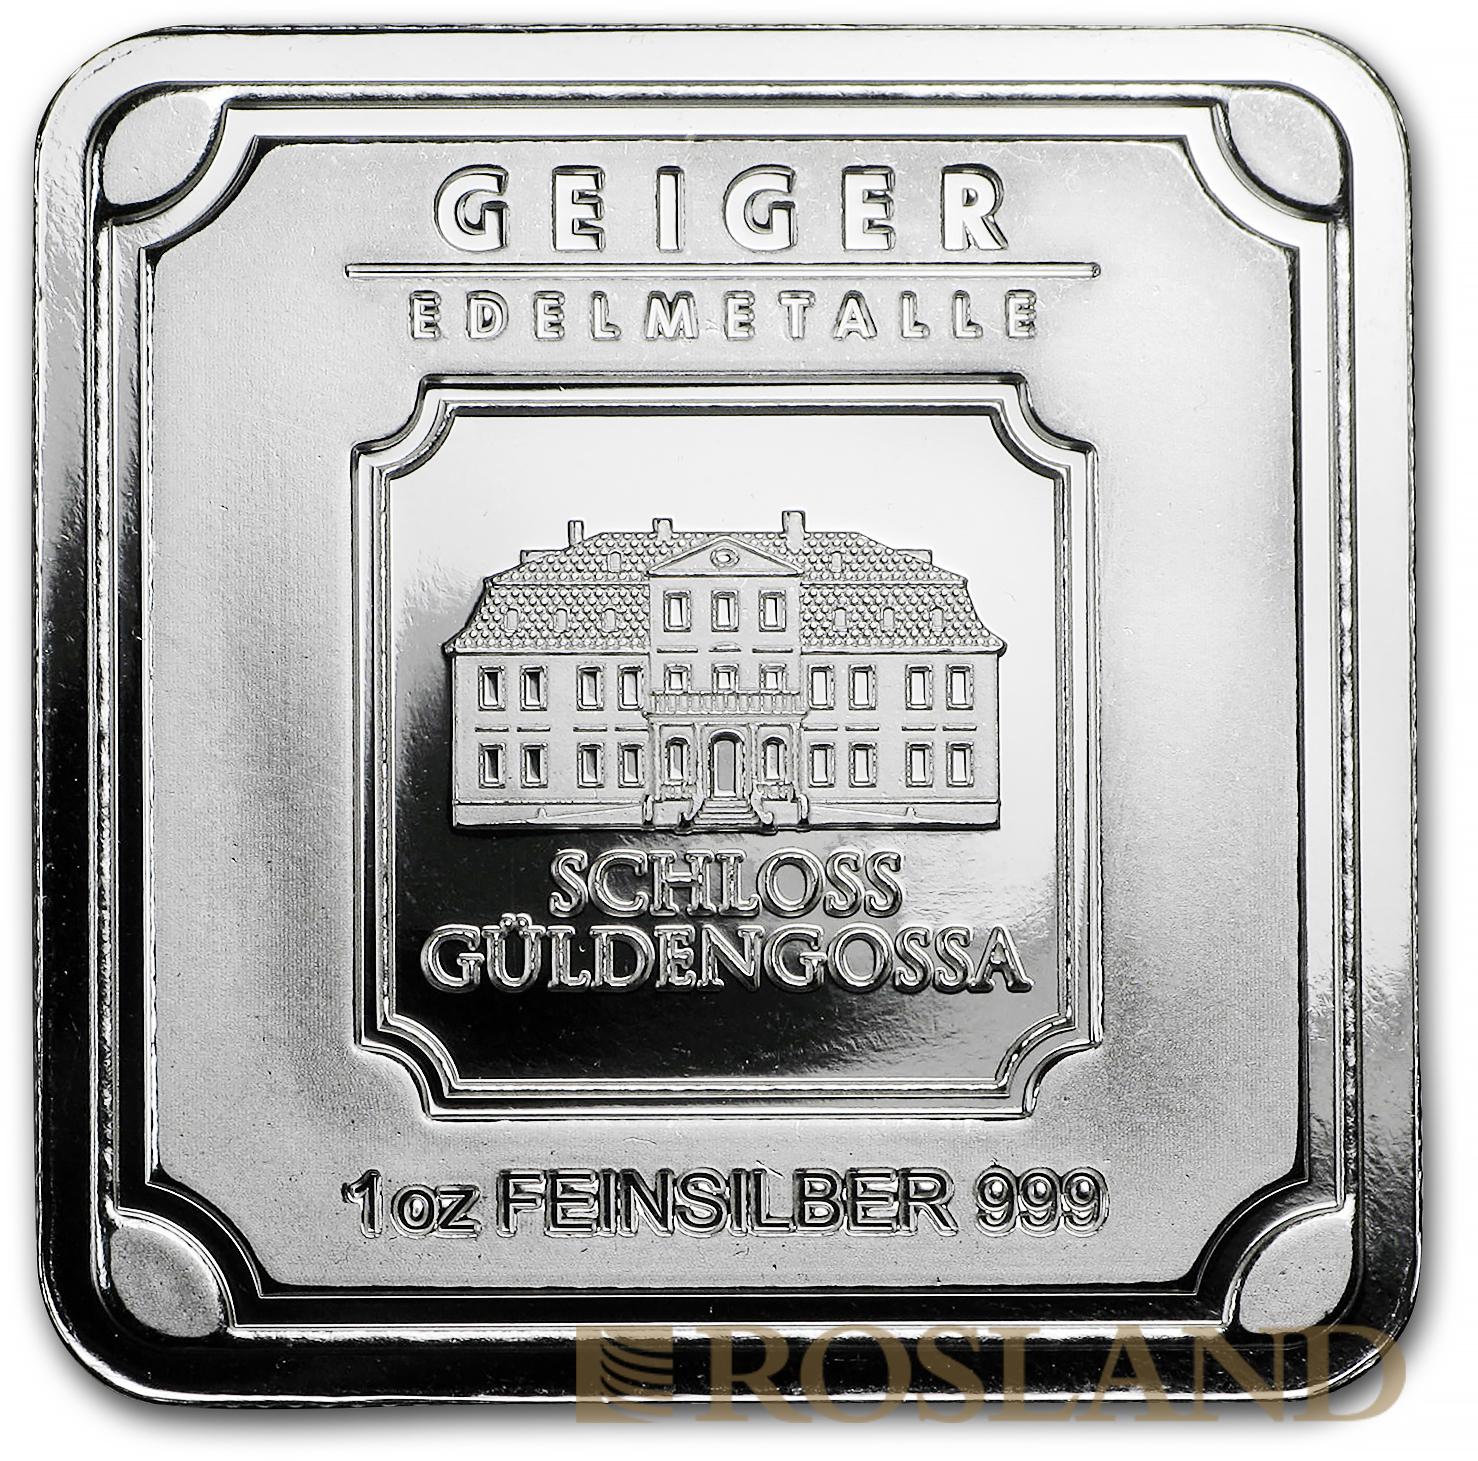 1 Unze Silberbarren Geiger Edelmetalle Square Series